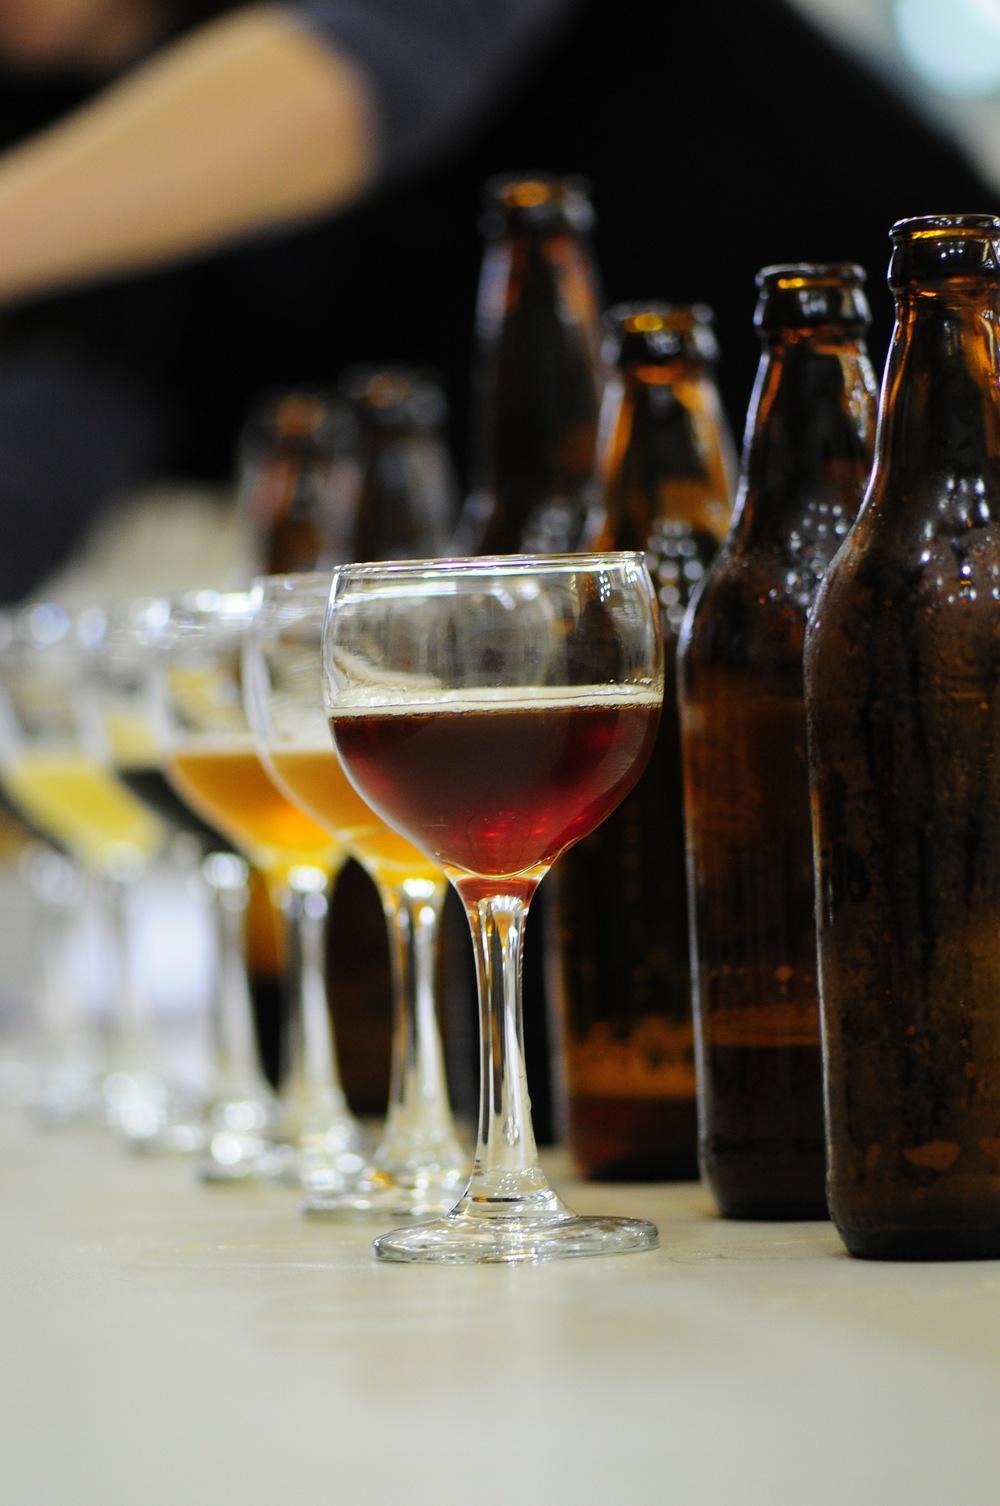 Festa é no dia 25 de outubro, com rock, churrasco e, claro, muita cerveja artesanal e caseira (Foto: Divulgação)